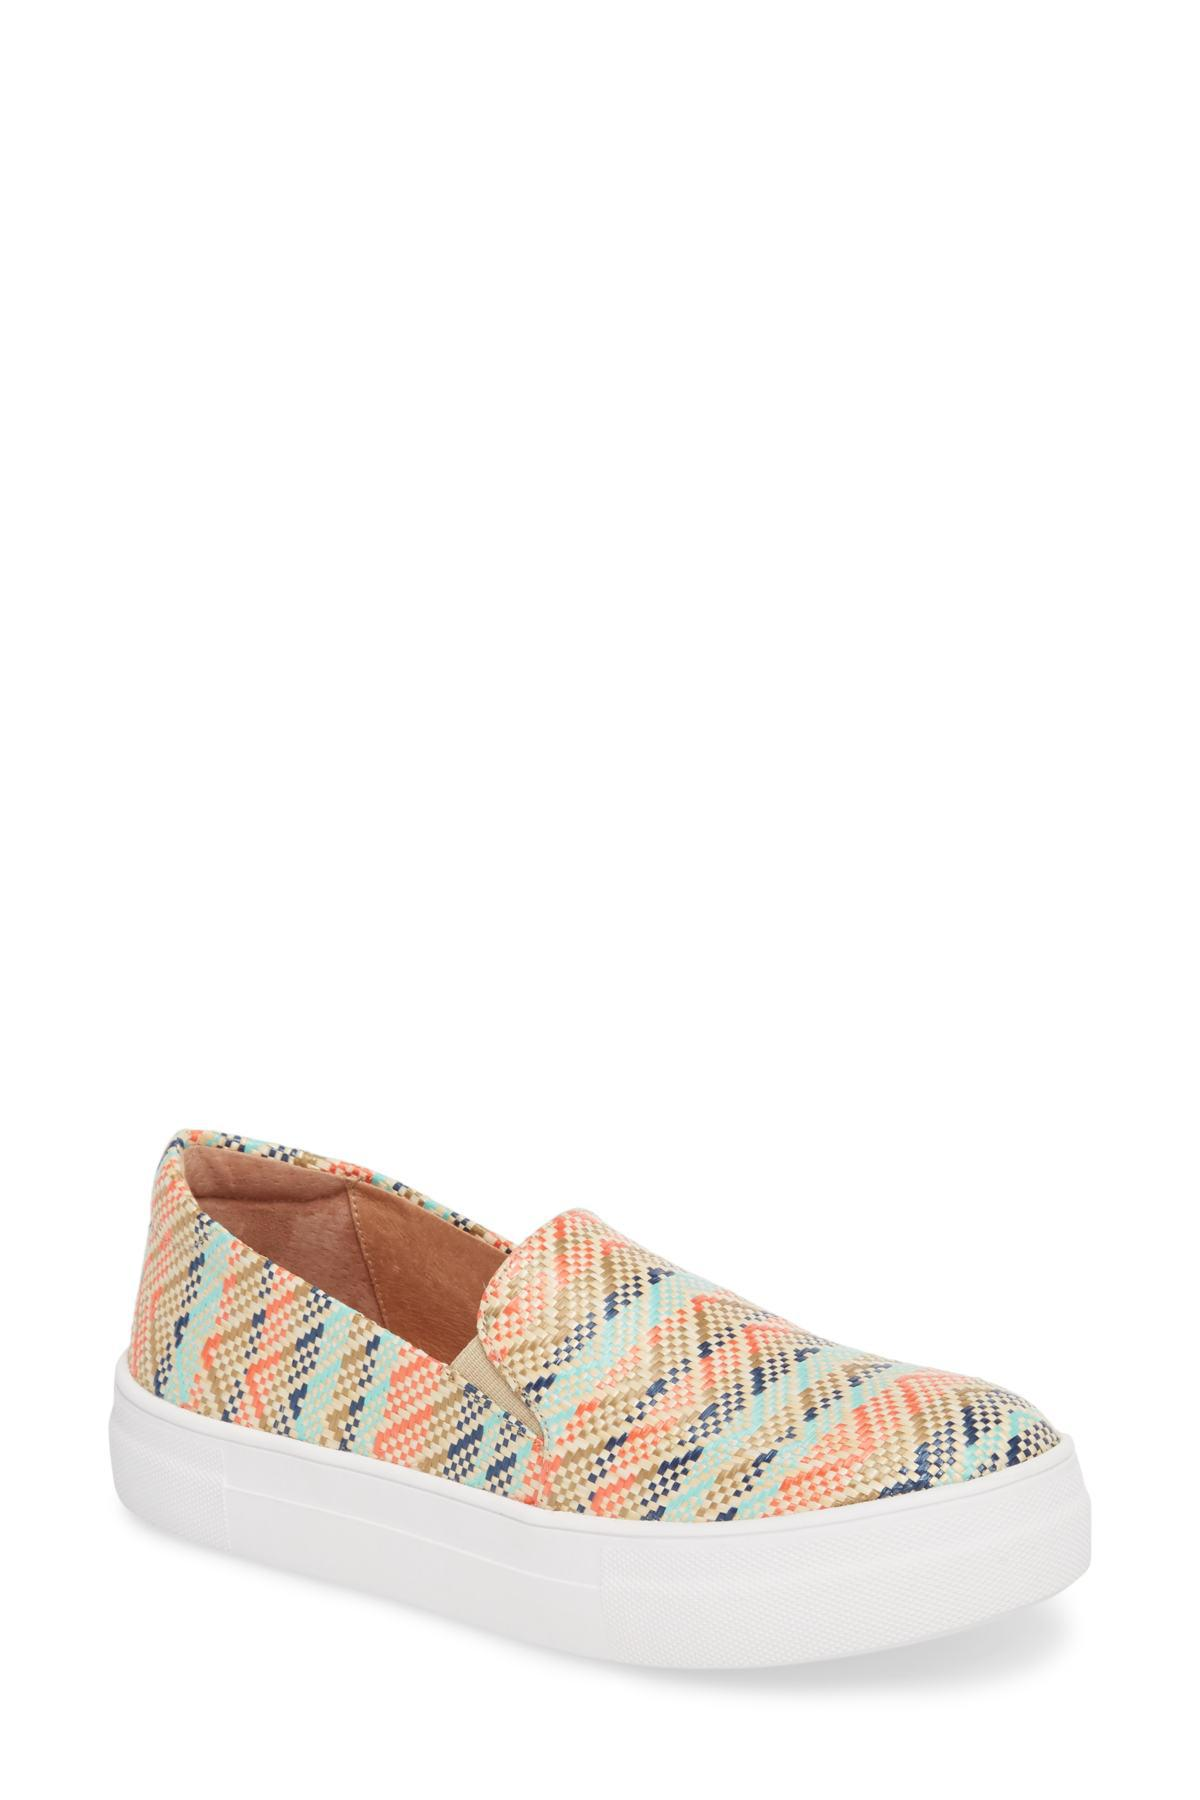 a3a7926cc6c Lyst - Caslon (r) Alden Slip-on Sneaker (women) in Pink